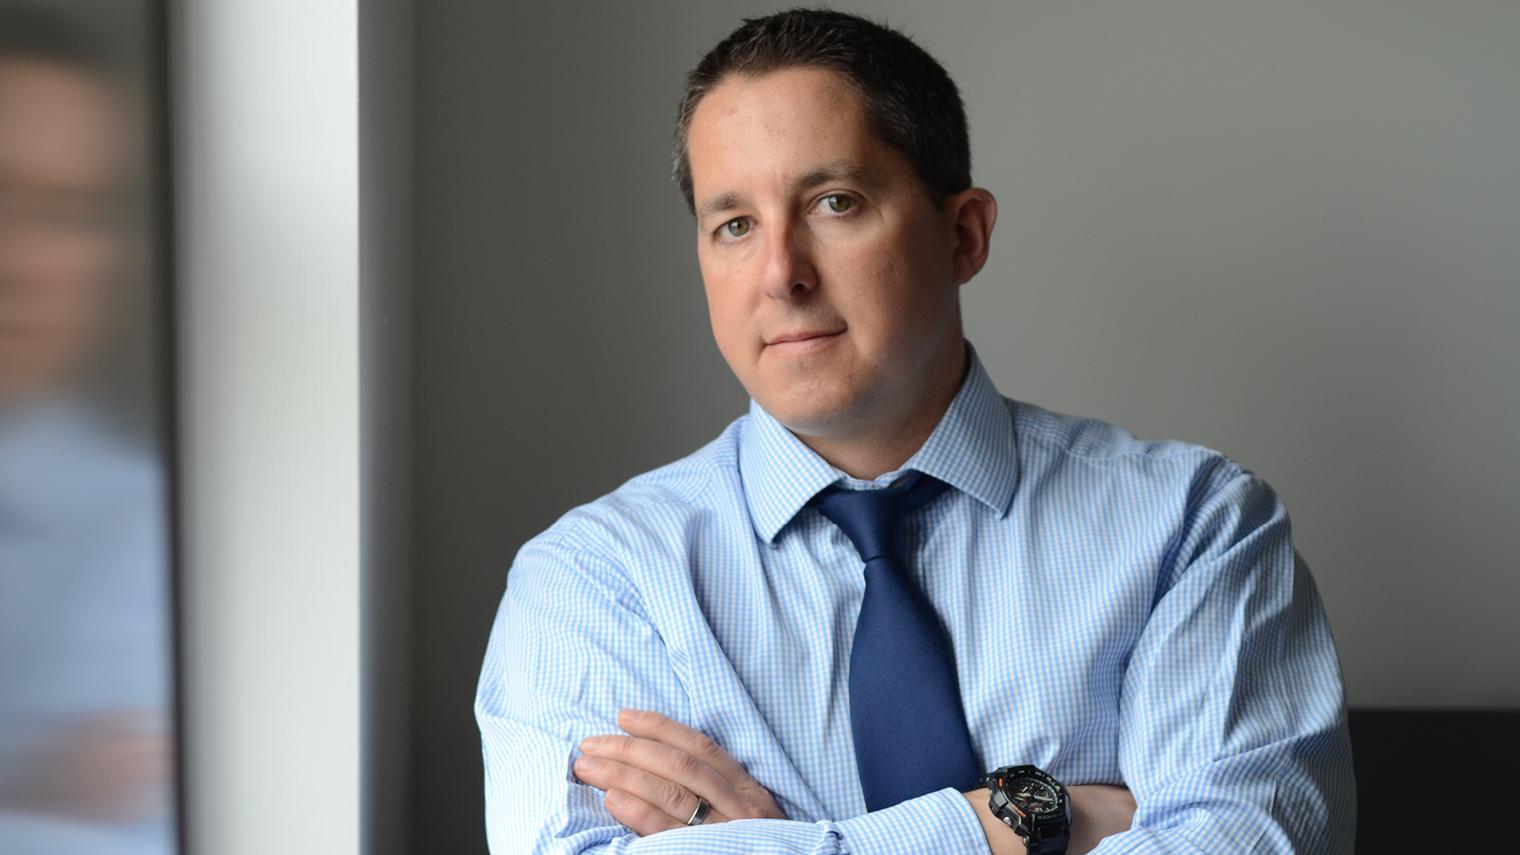 ClimateCare impact investing chief exec